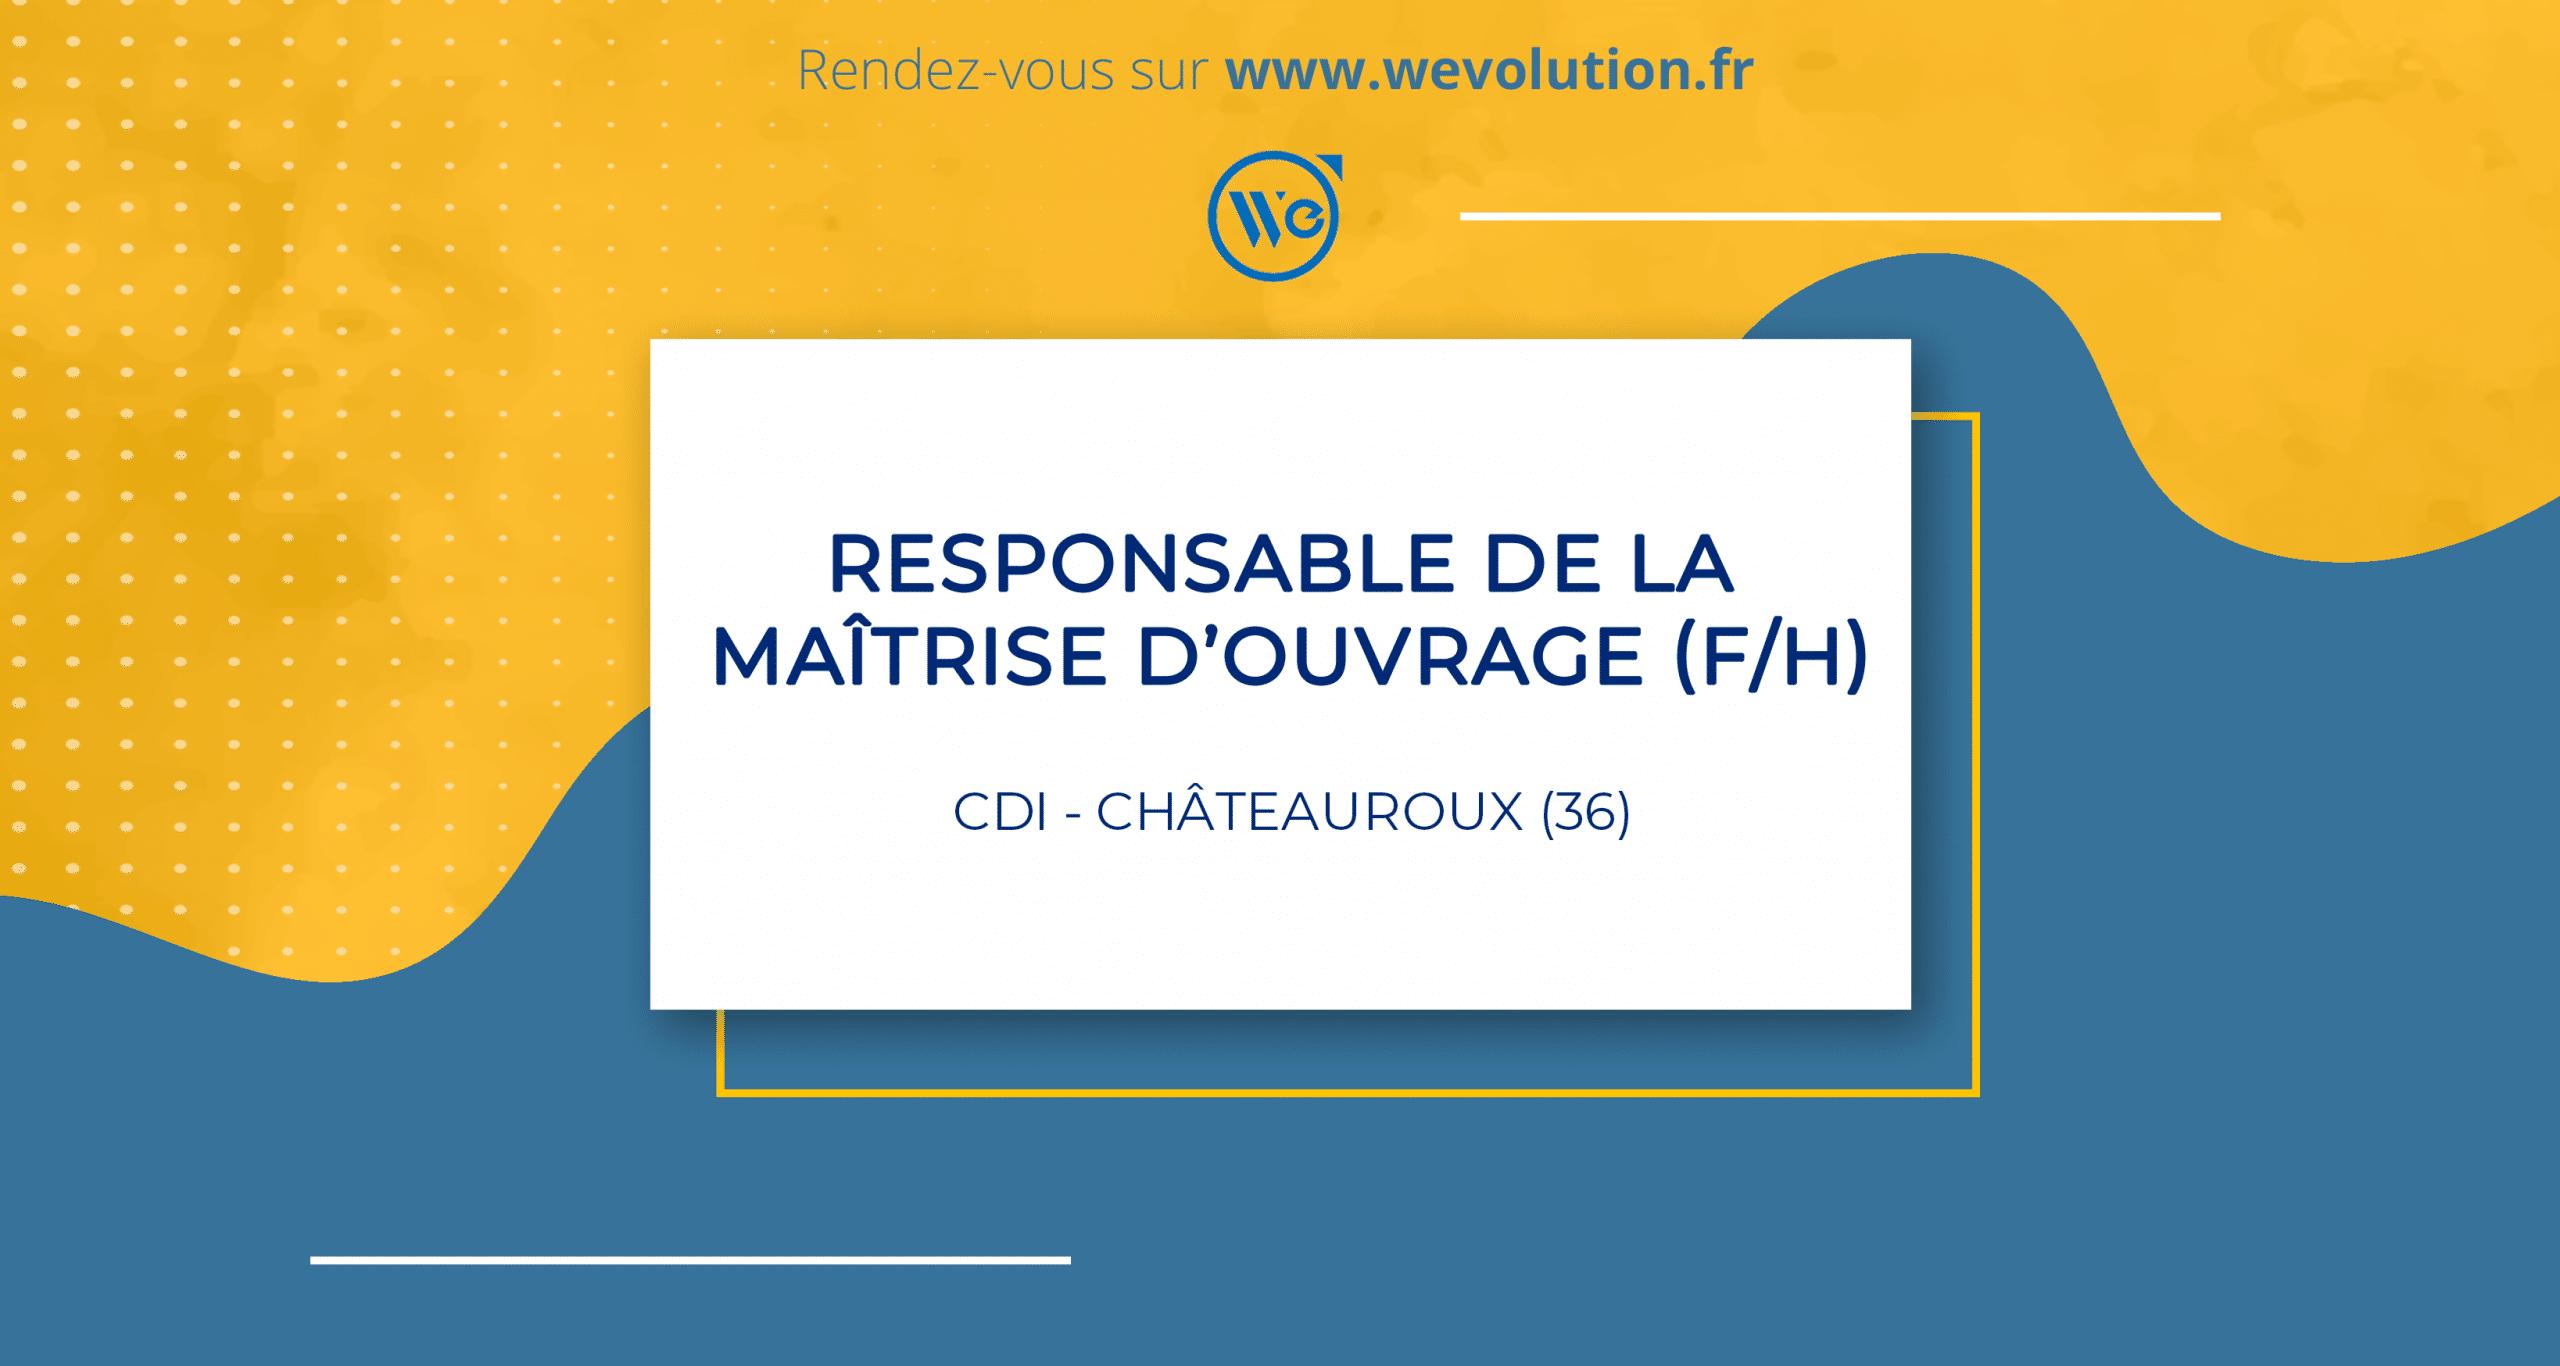 RESPONSABLE DE LA MAITRISE D'OUVRAGE (F/H)